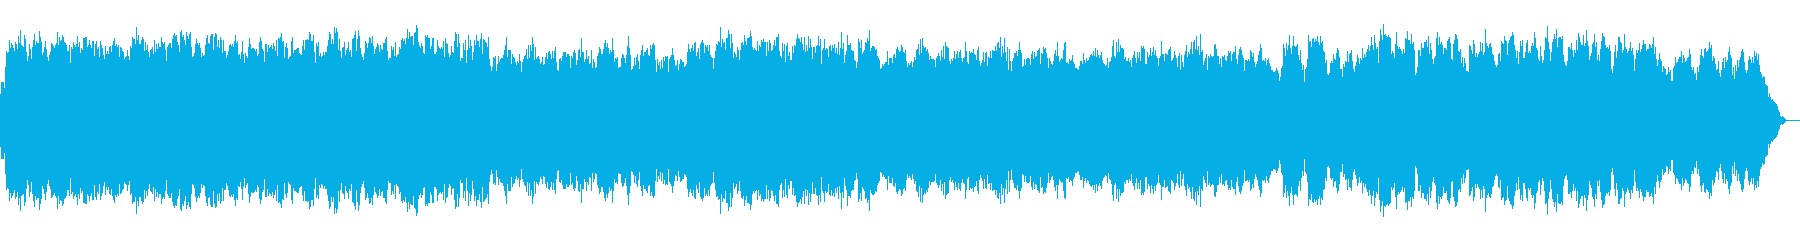 薄暗い夜明けの感じの笛の音楽の再生済みの波形